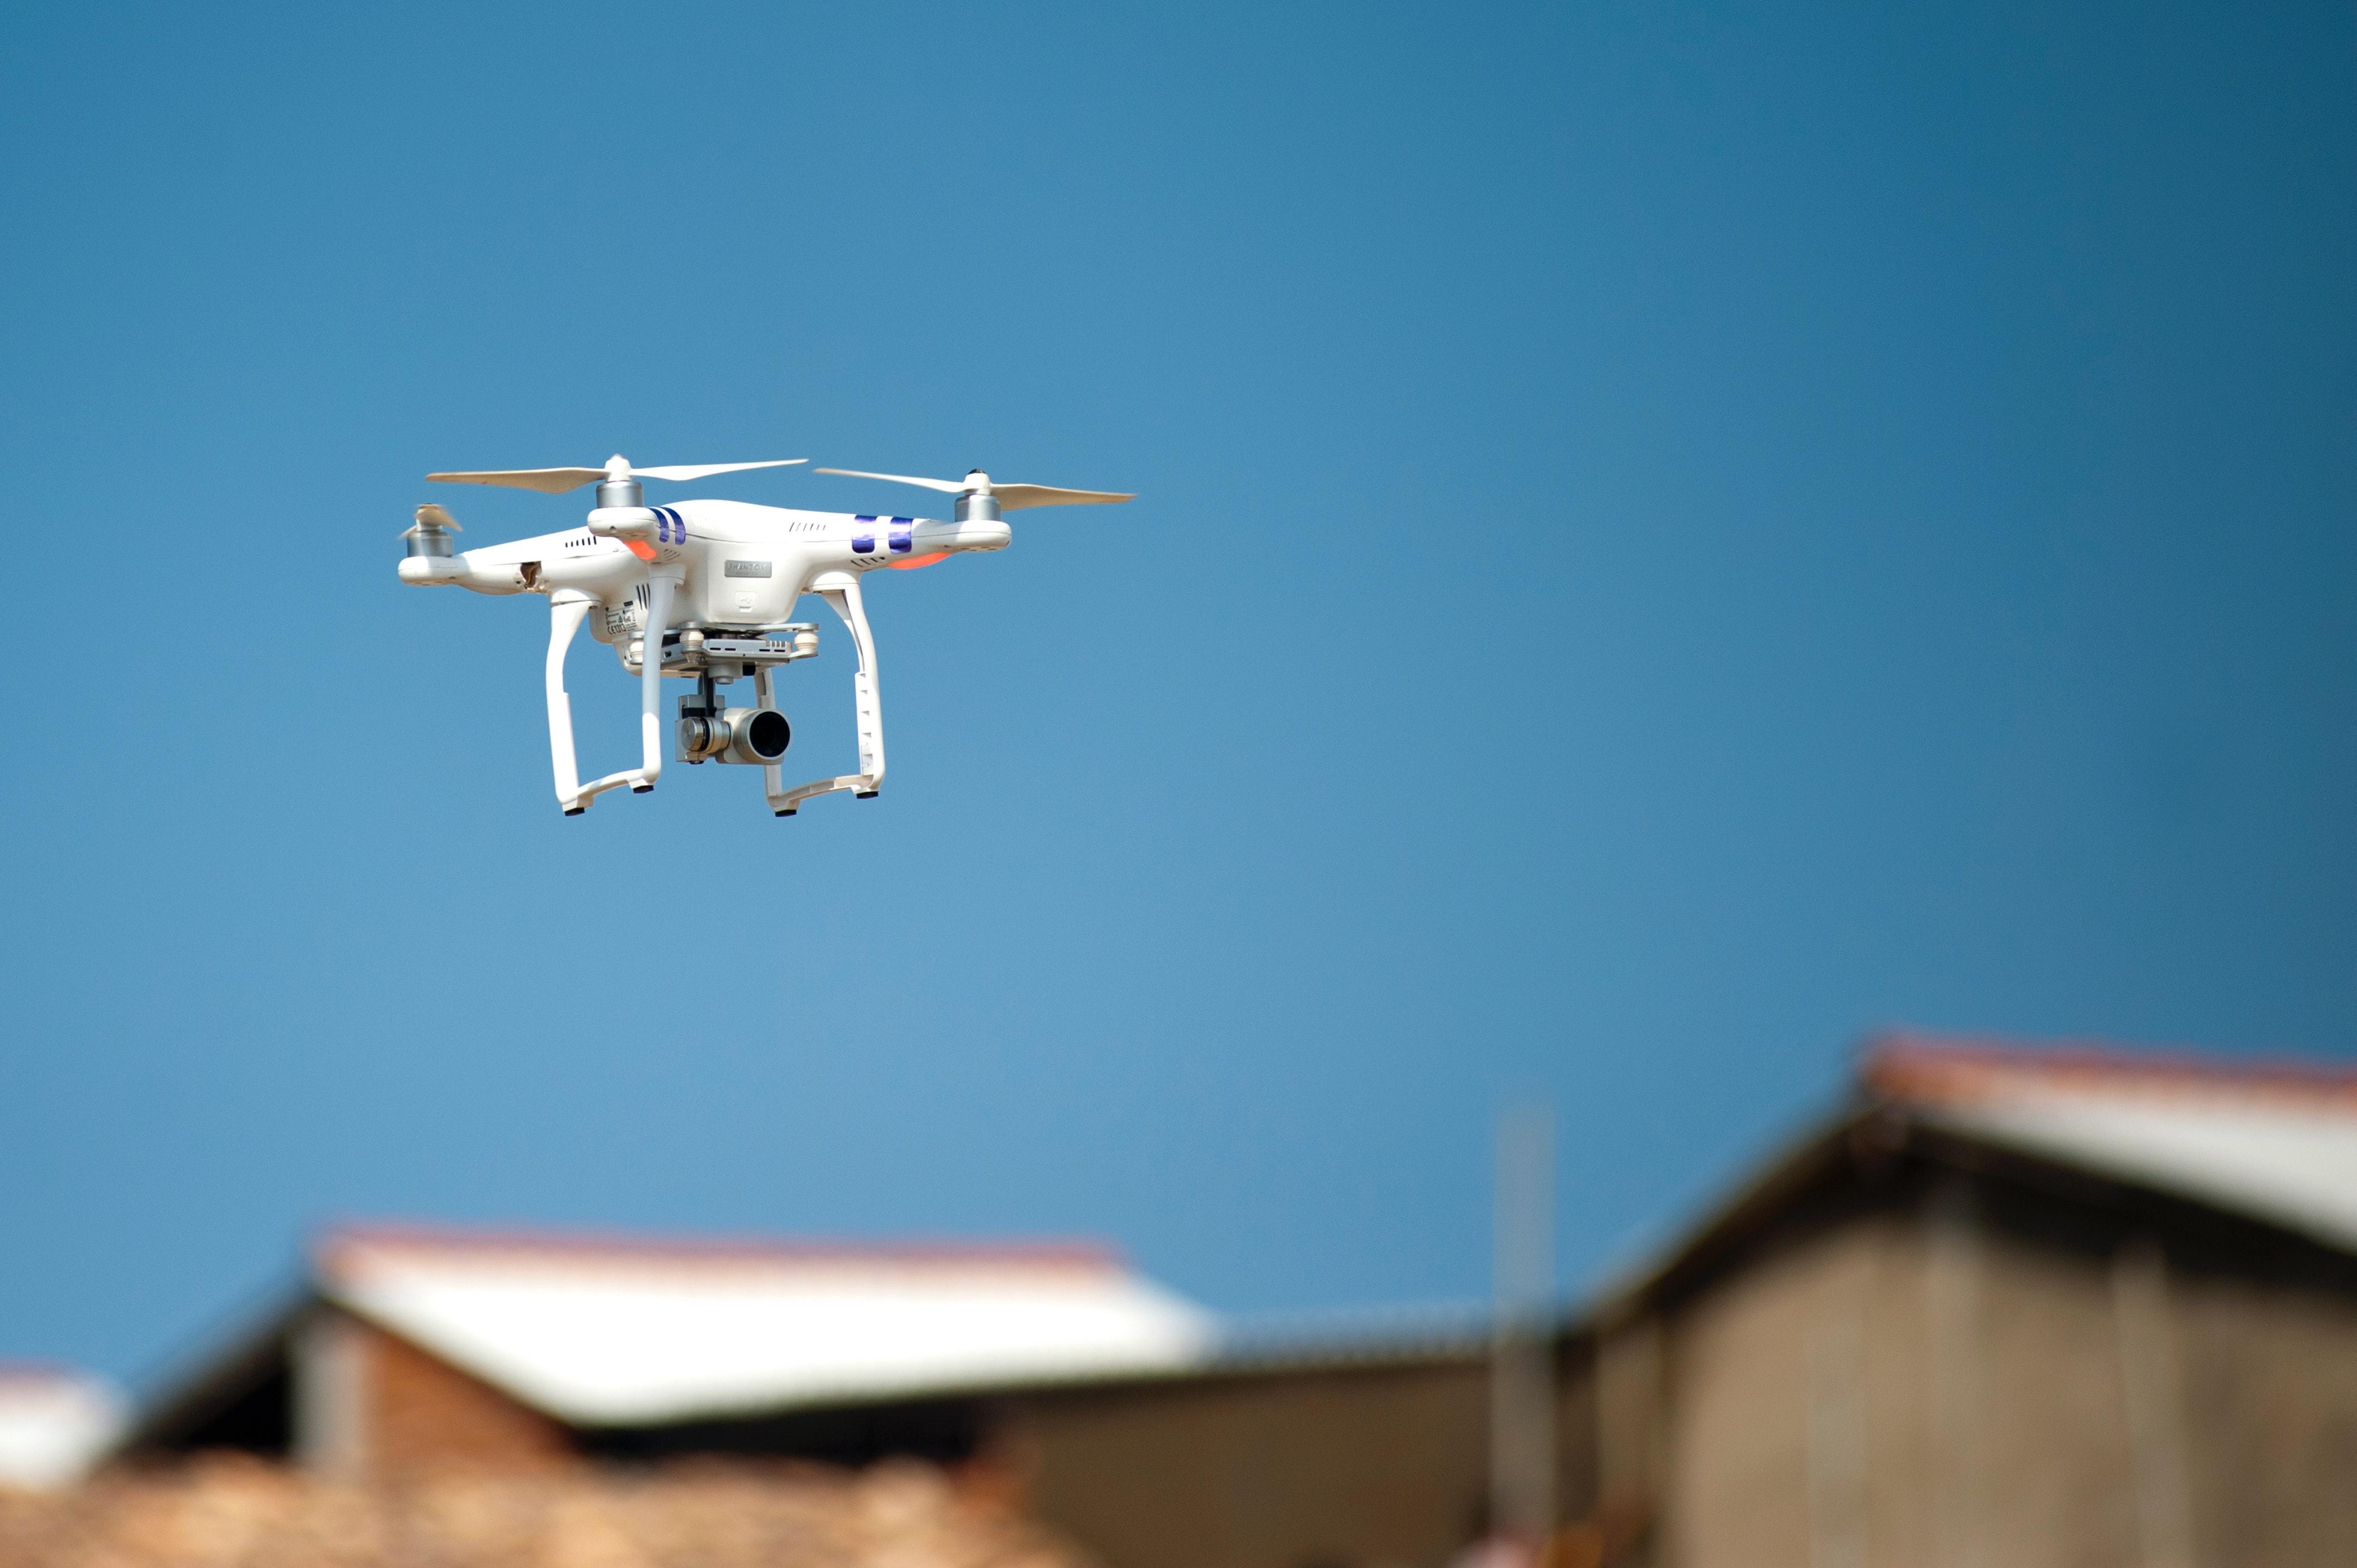 dron filmy z dronów licencja